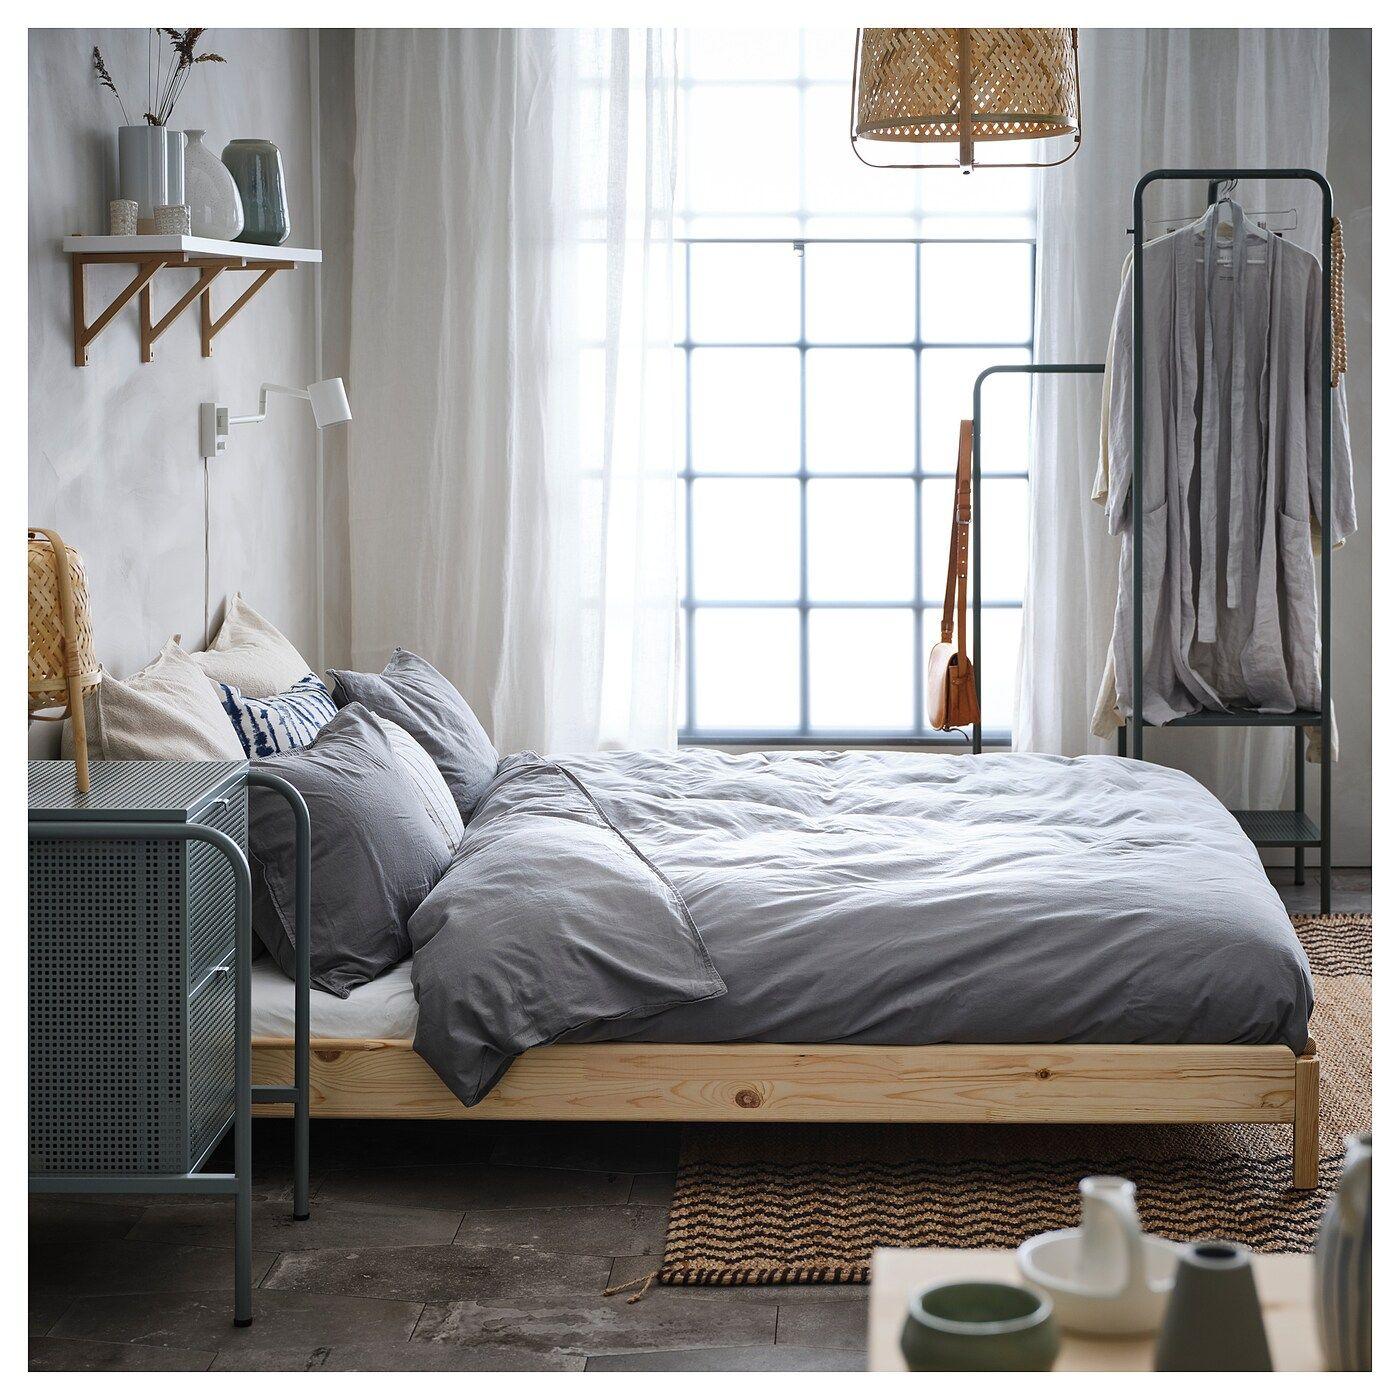 Utaker Stapelbett 2 Matratzen Kiefer Malfors Mittelfest Ikea Osterreich In 2020 Mit Bildern Stapelbett Niedrige Betten